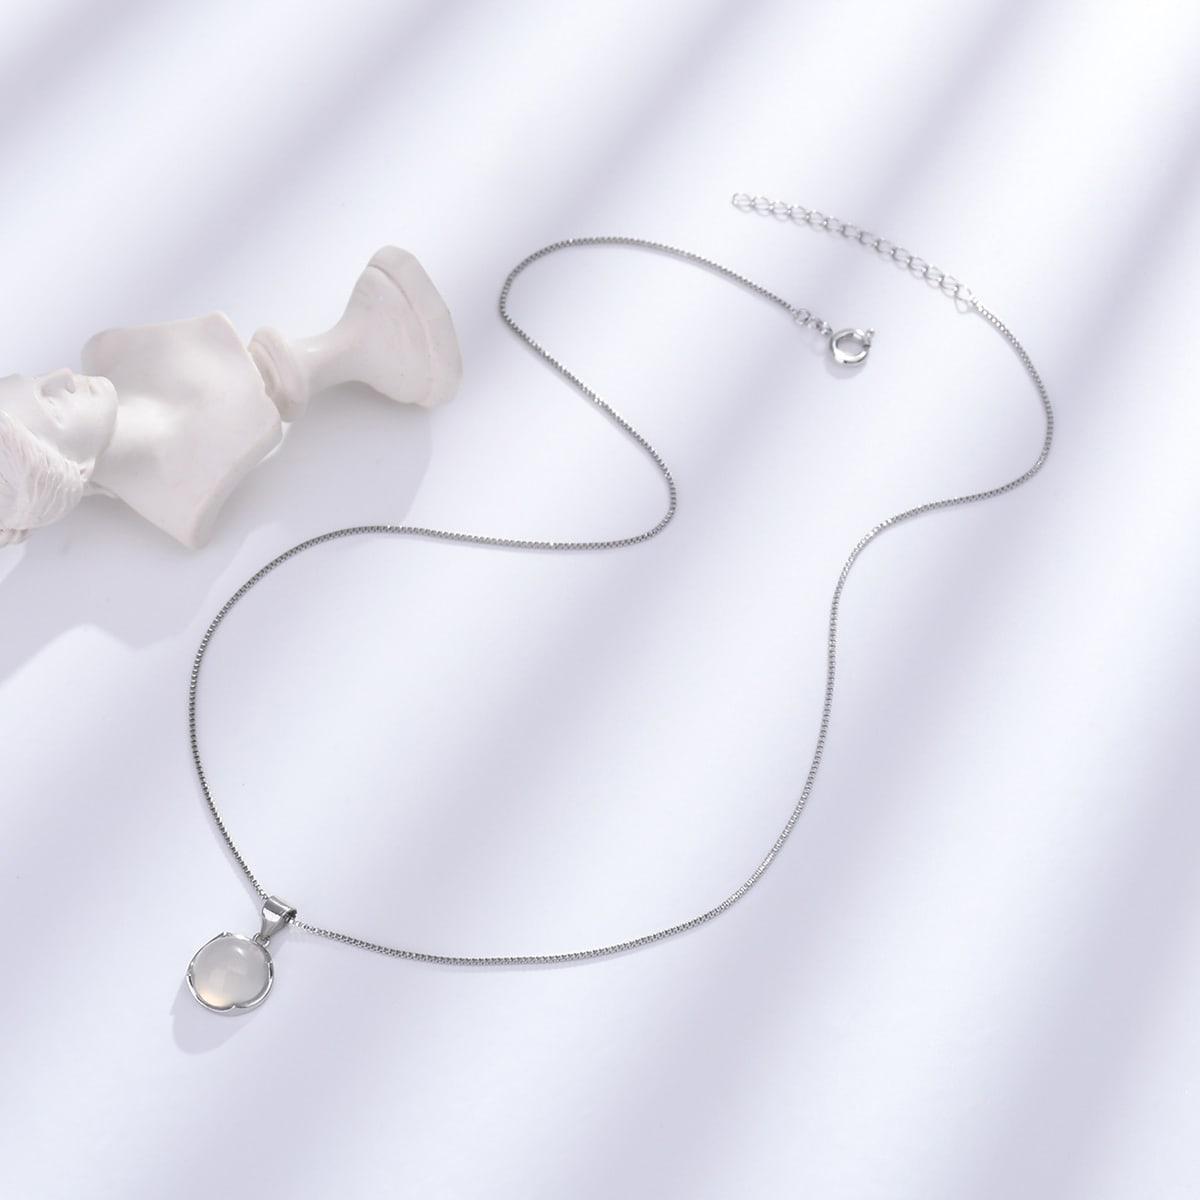 Ожерелье 18K Позолоченный с круглым декором